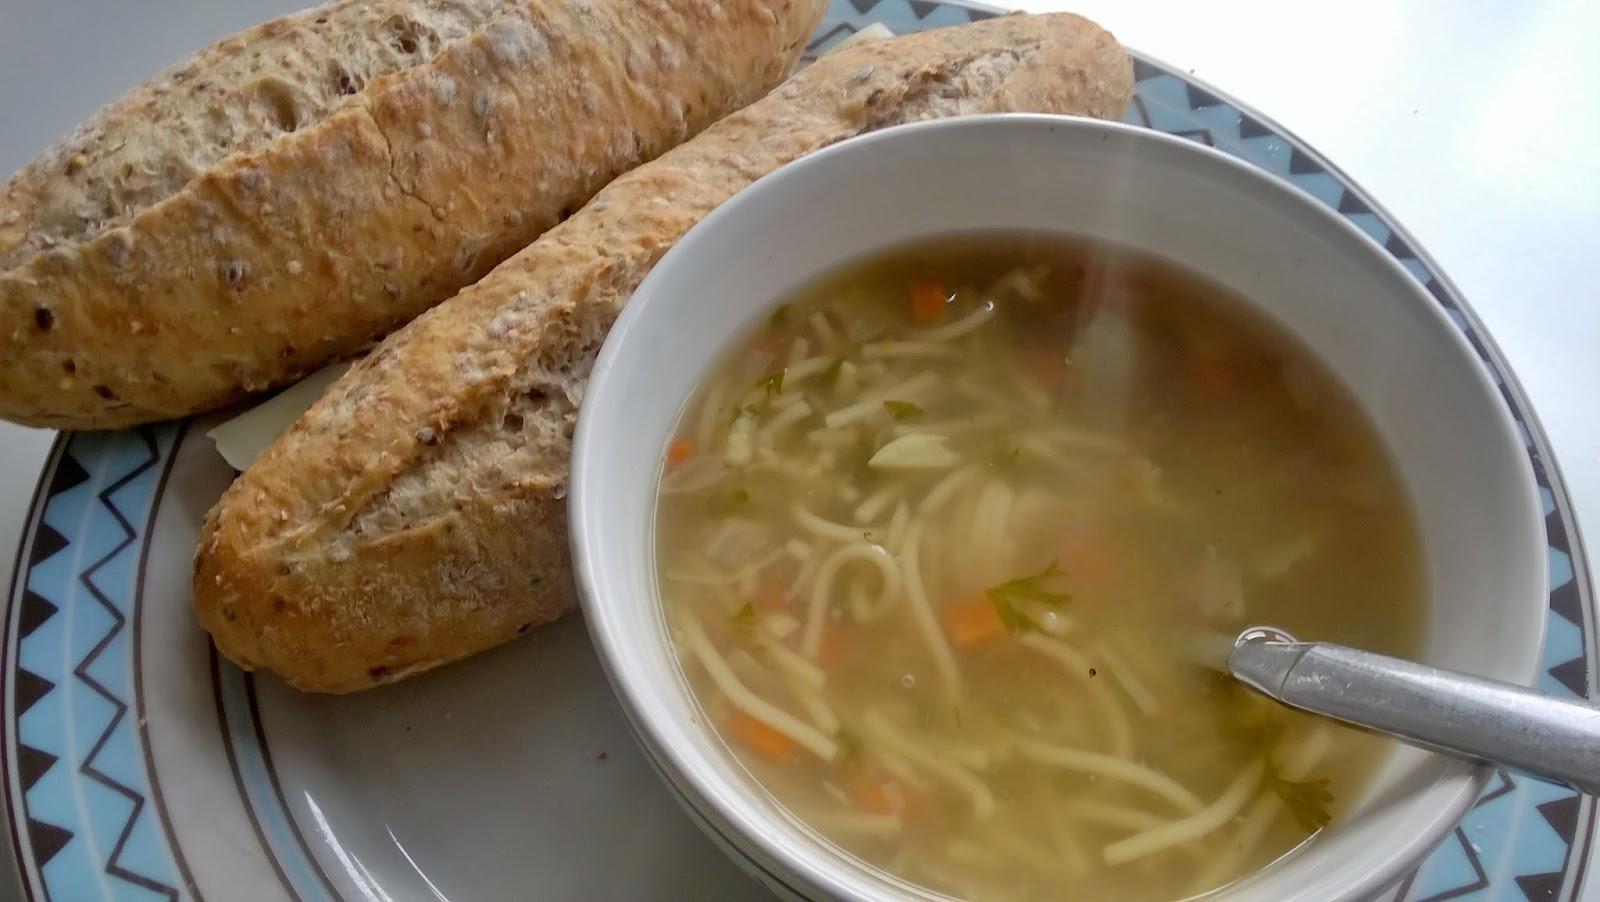 wat eten we bij de soep